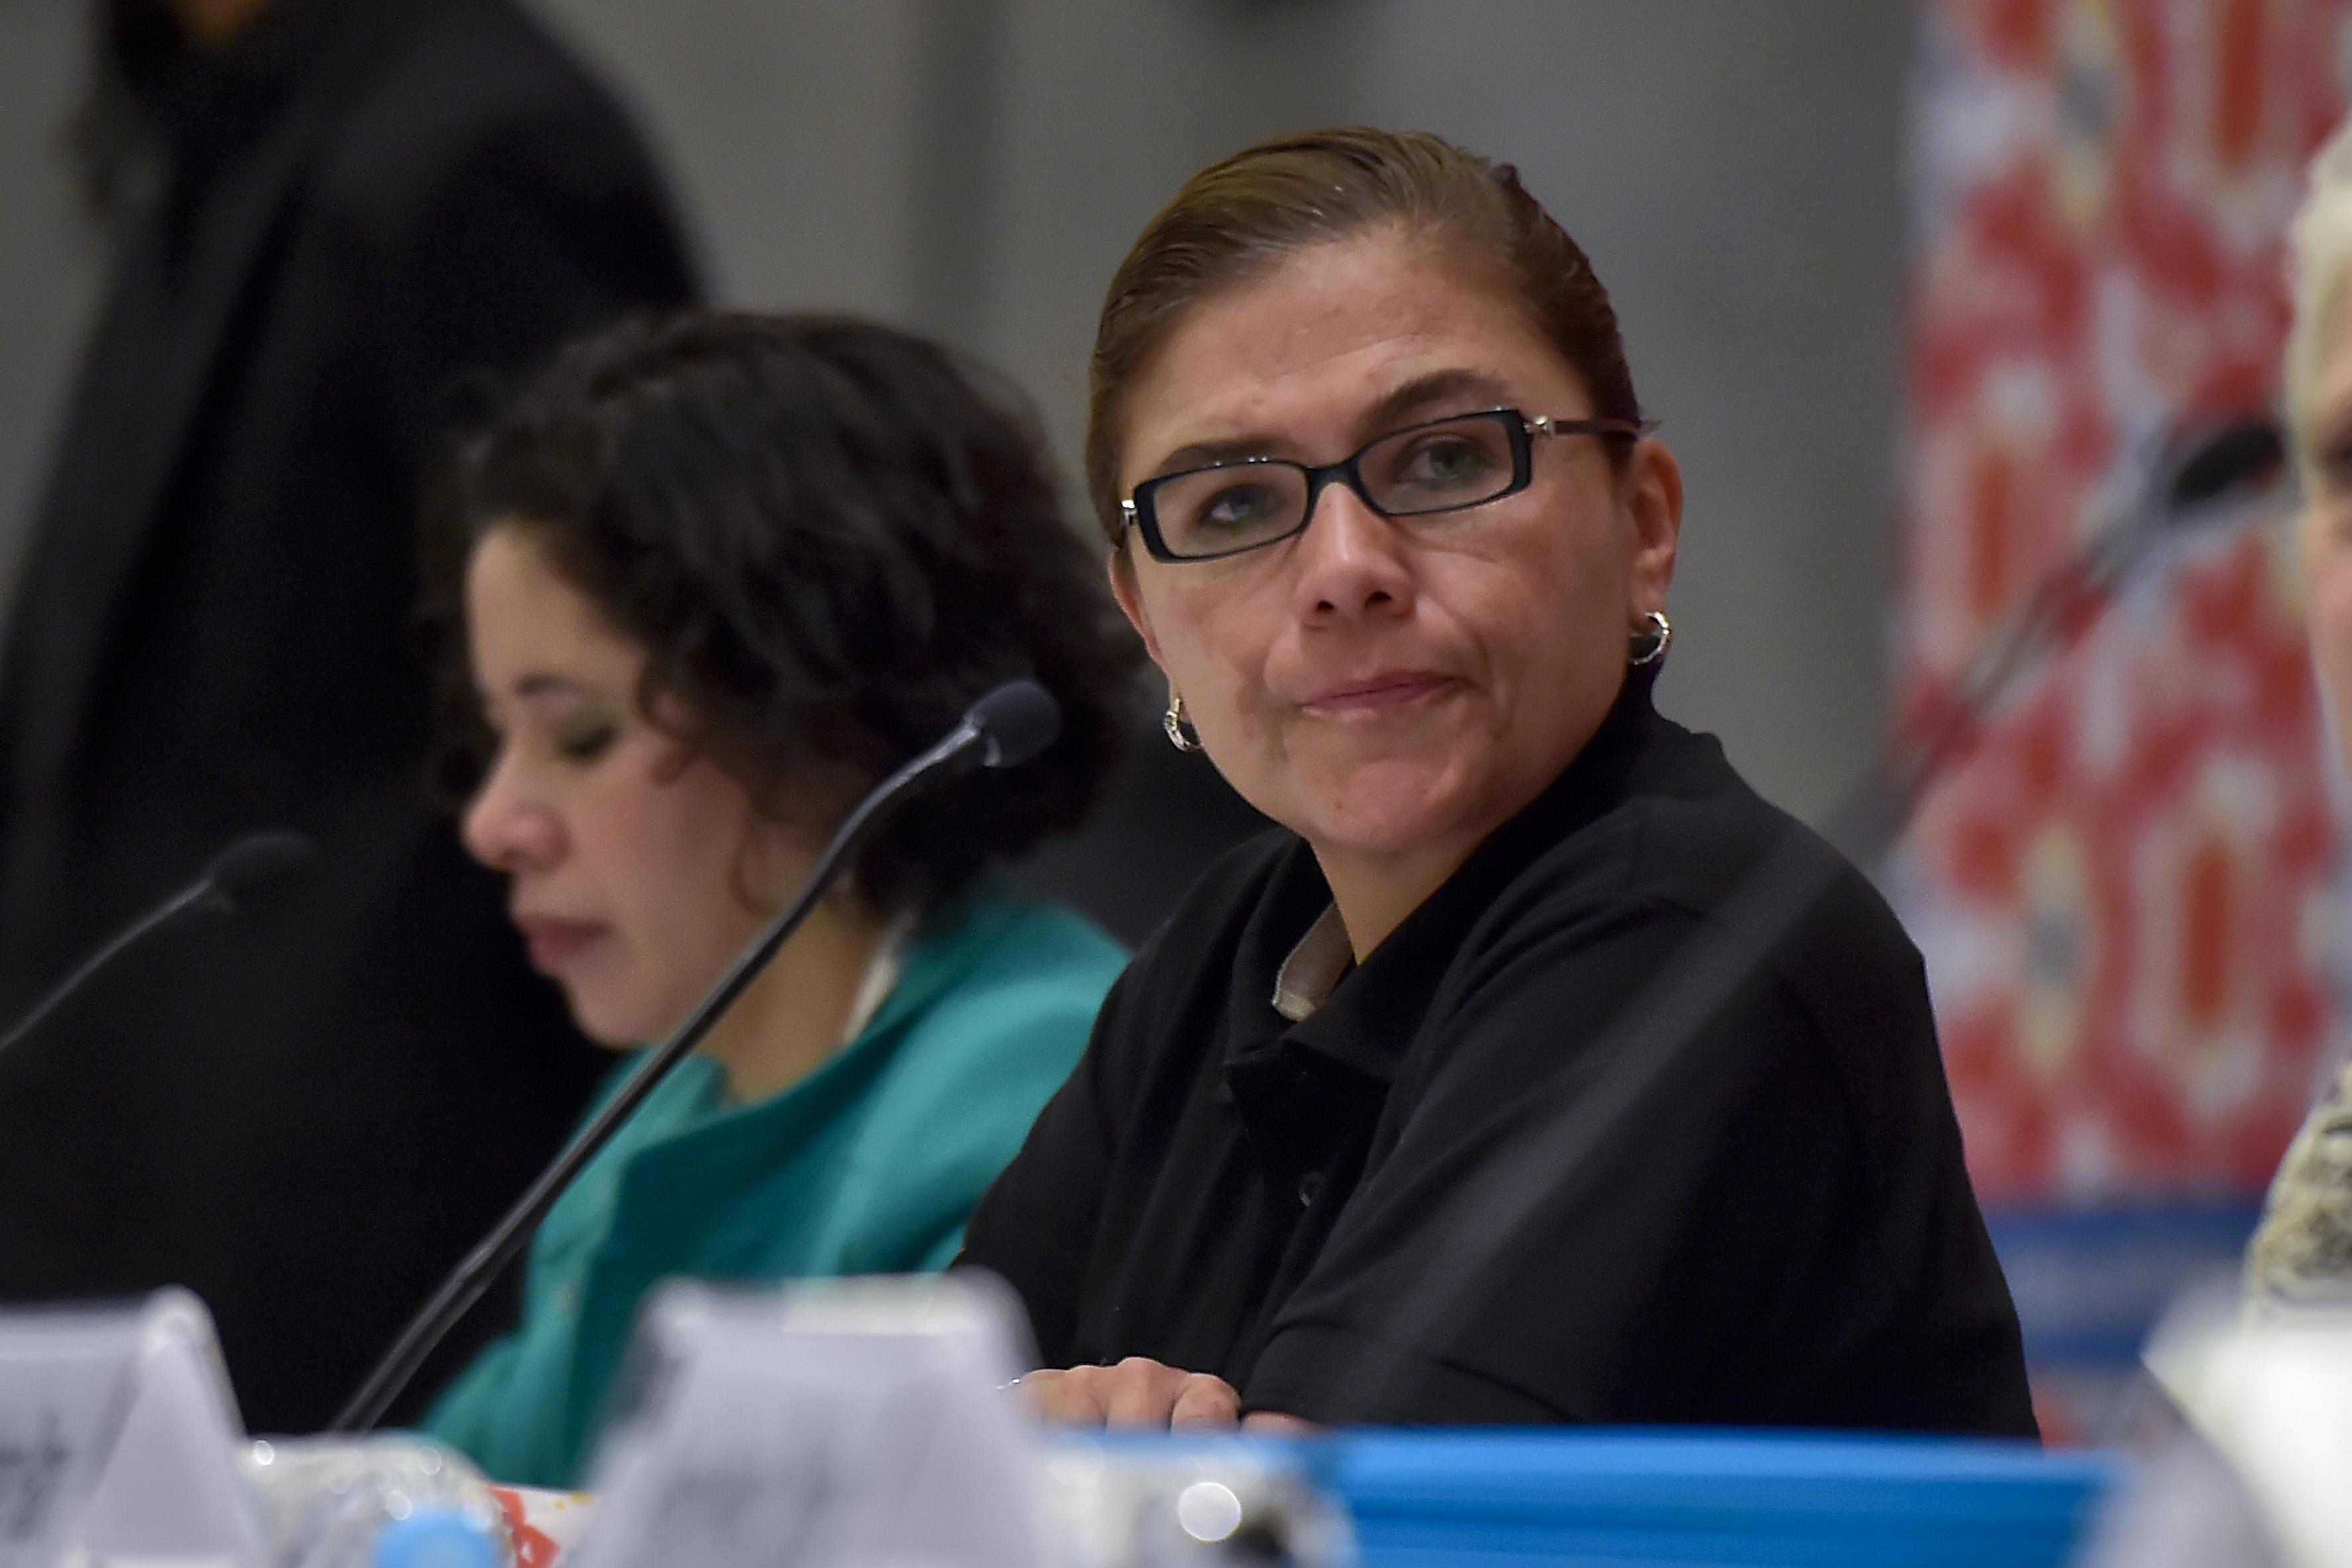 Angélica Vázquez del Mercado, miembro panelista participante en ceremonia.